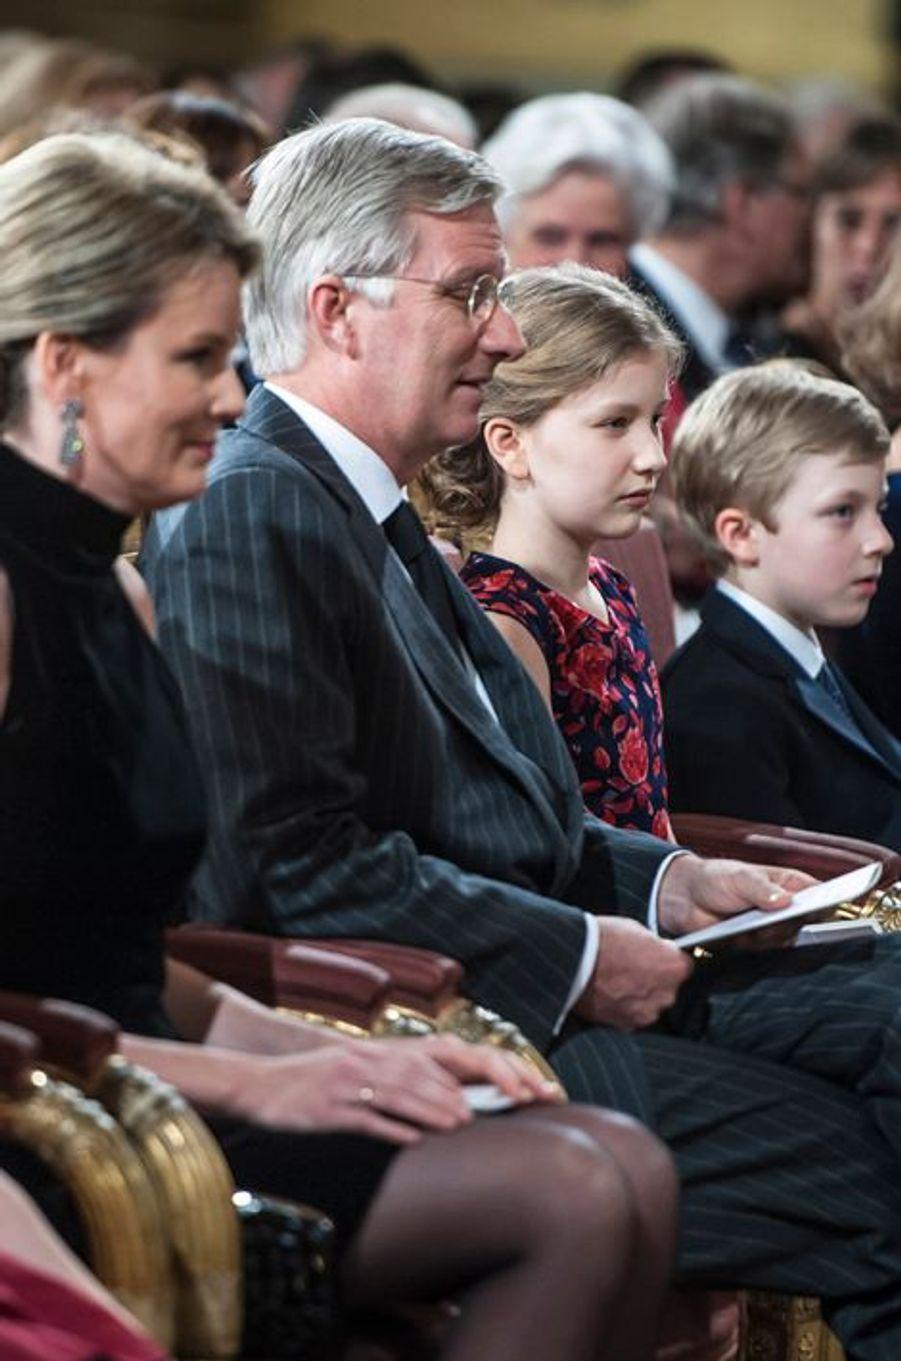 Le roi Philippe de Belgique, la reine Mathilde, Elisabeth et Emmanuel au concert de Noël au Palais royal de Bruxelles, le 17 décembre 2014